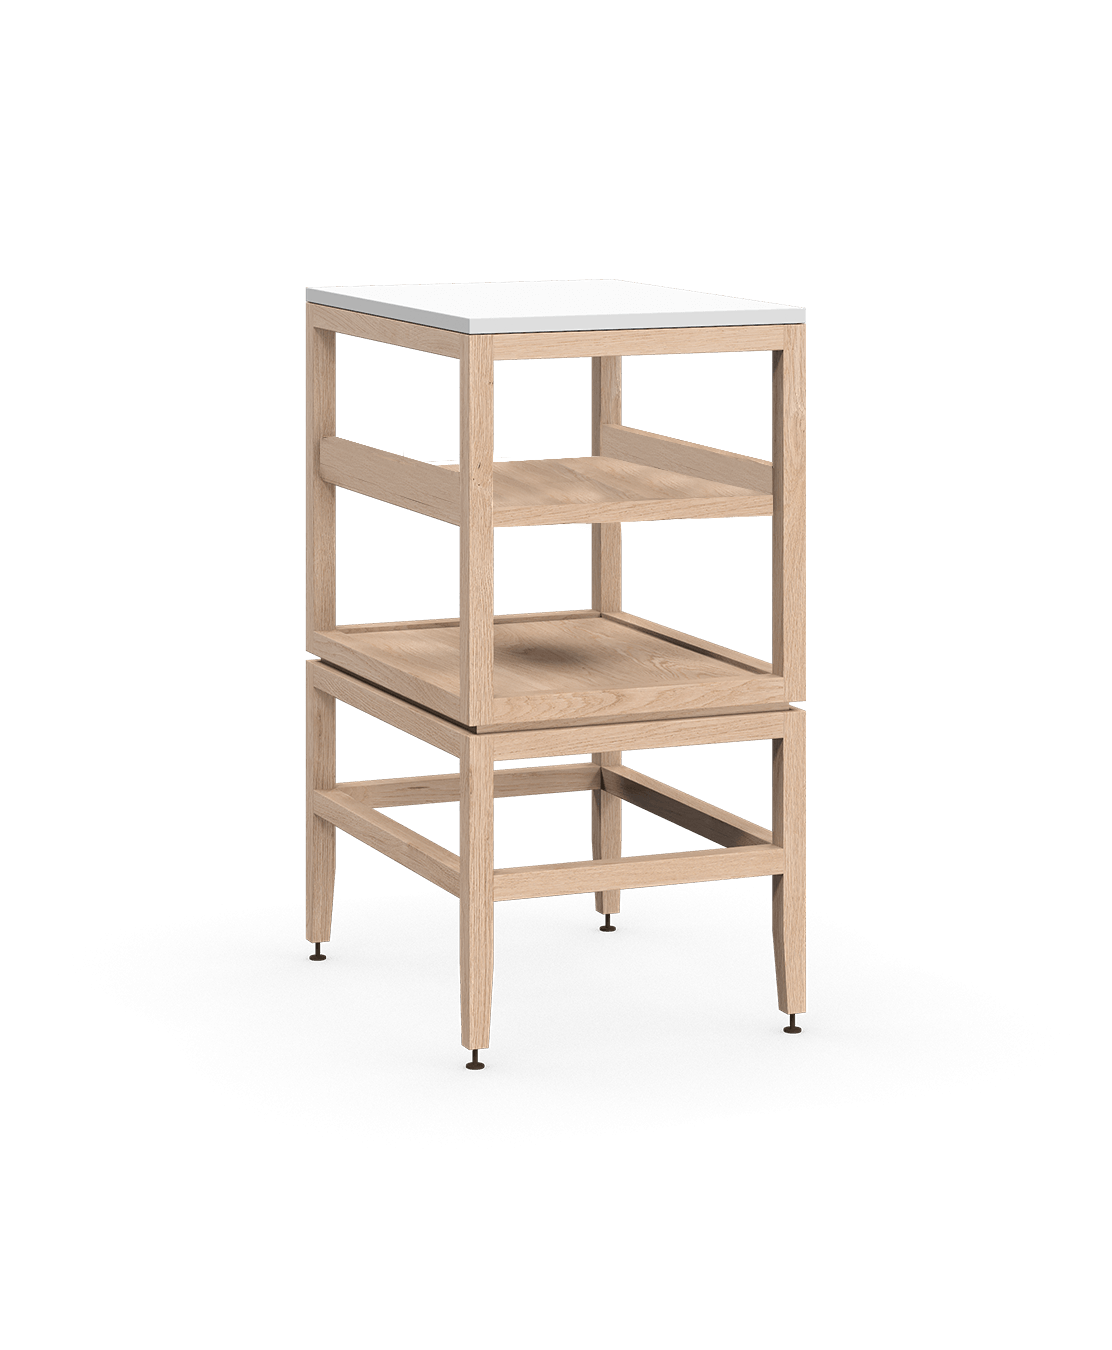 armoire ouverte modulaire de rangement en bois massif coquo volitare avec cube 1 tablette chêne blanc 18 pouces C2-N-1824-001W1-NA